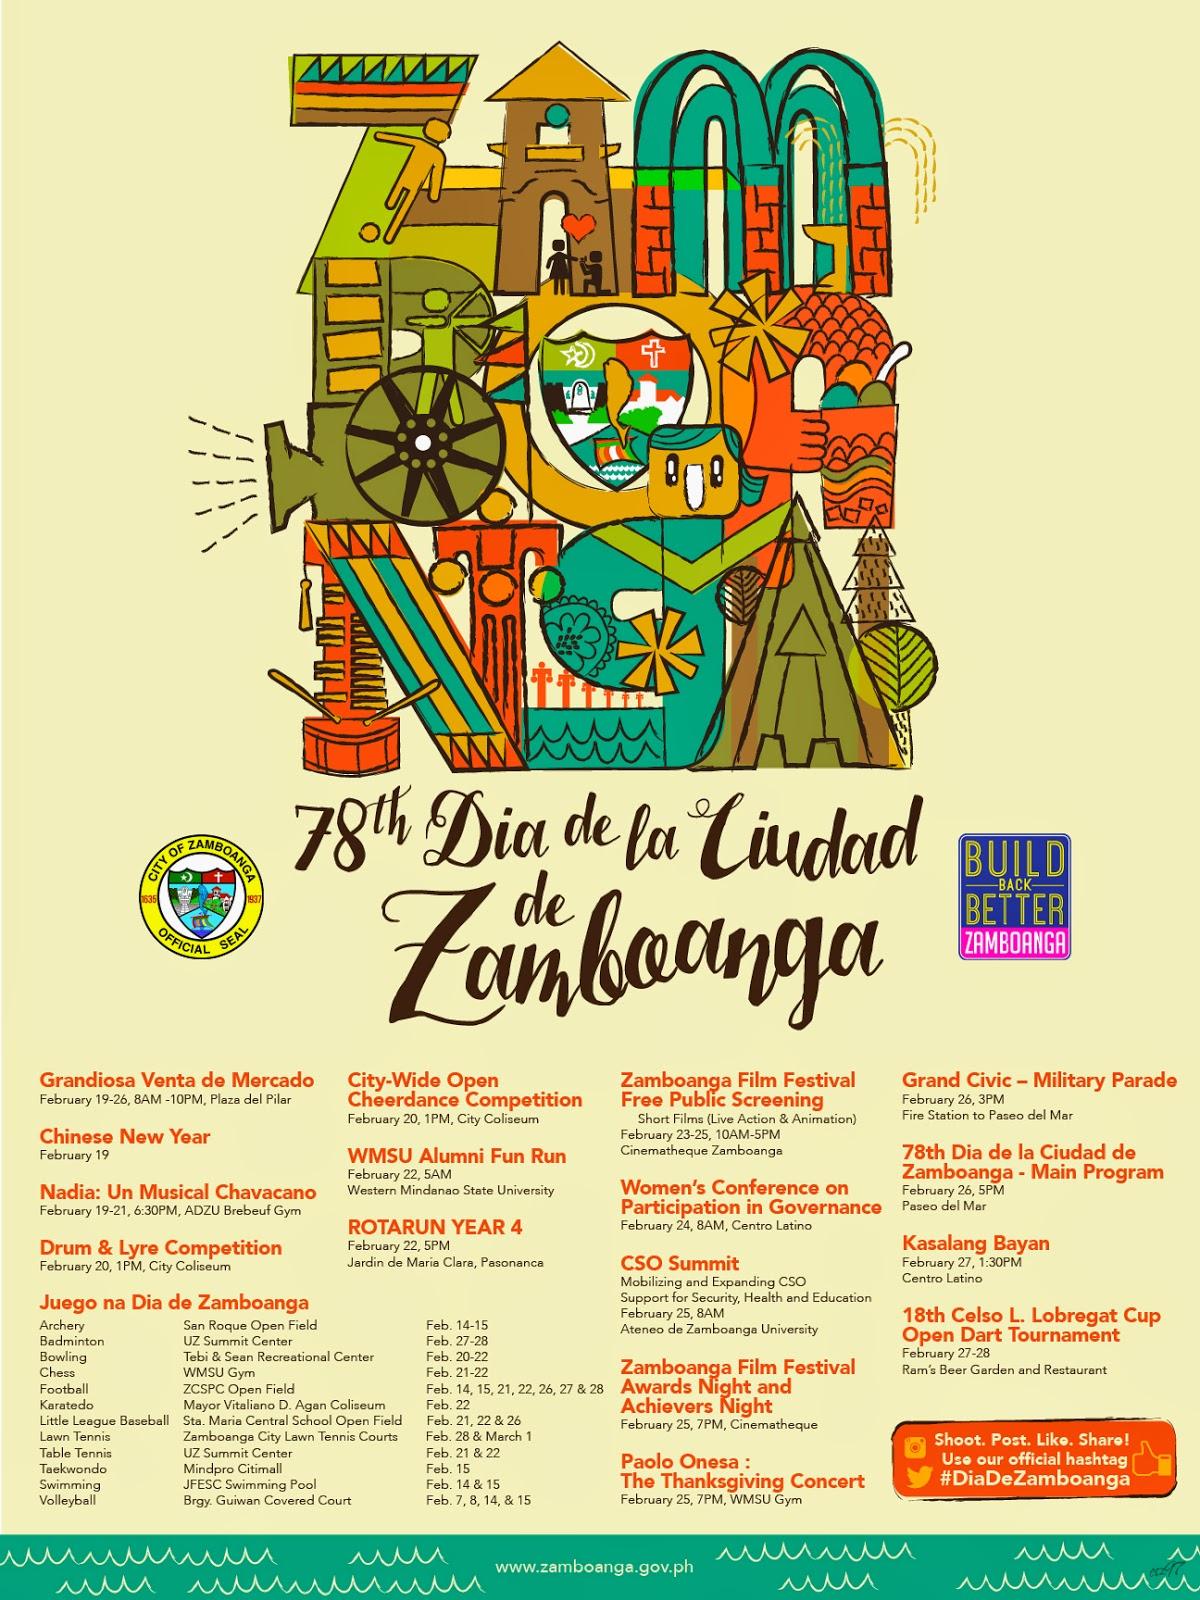 Dia de Zamboanga 2015 Poster Design Schedule List of Activities